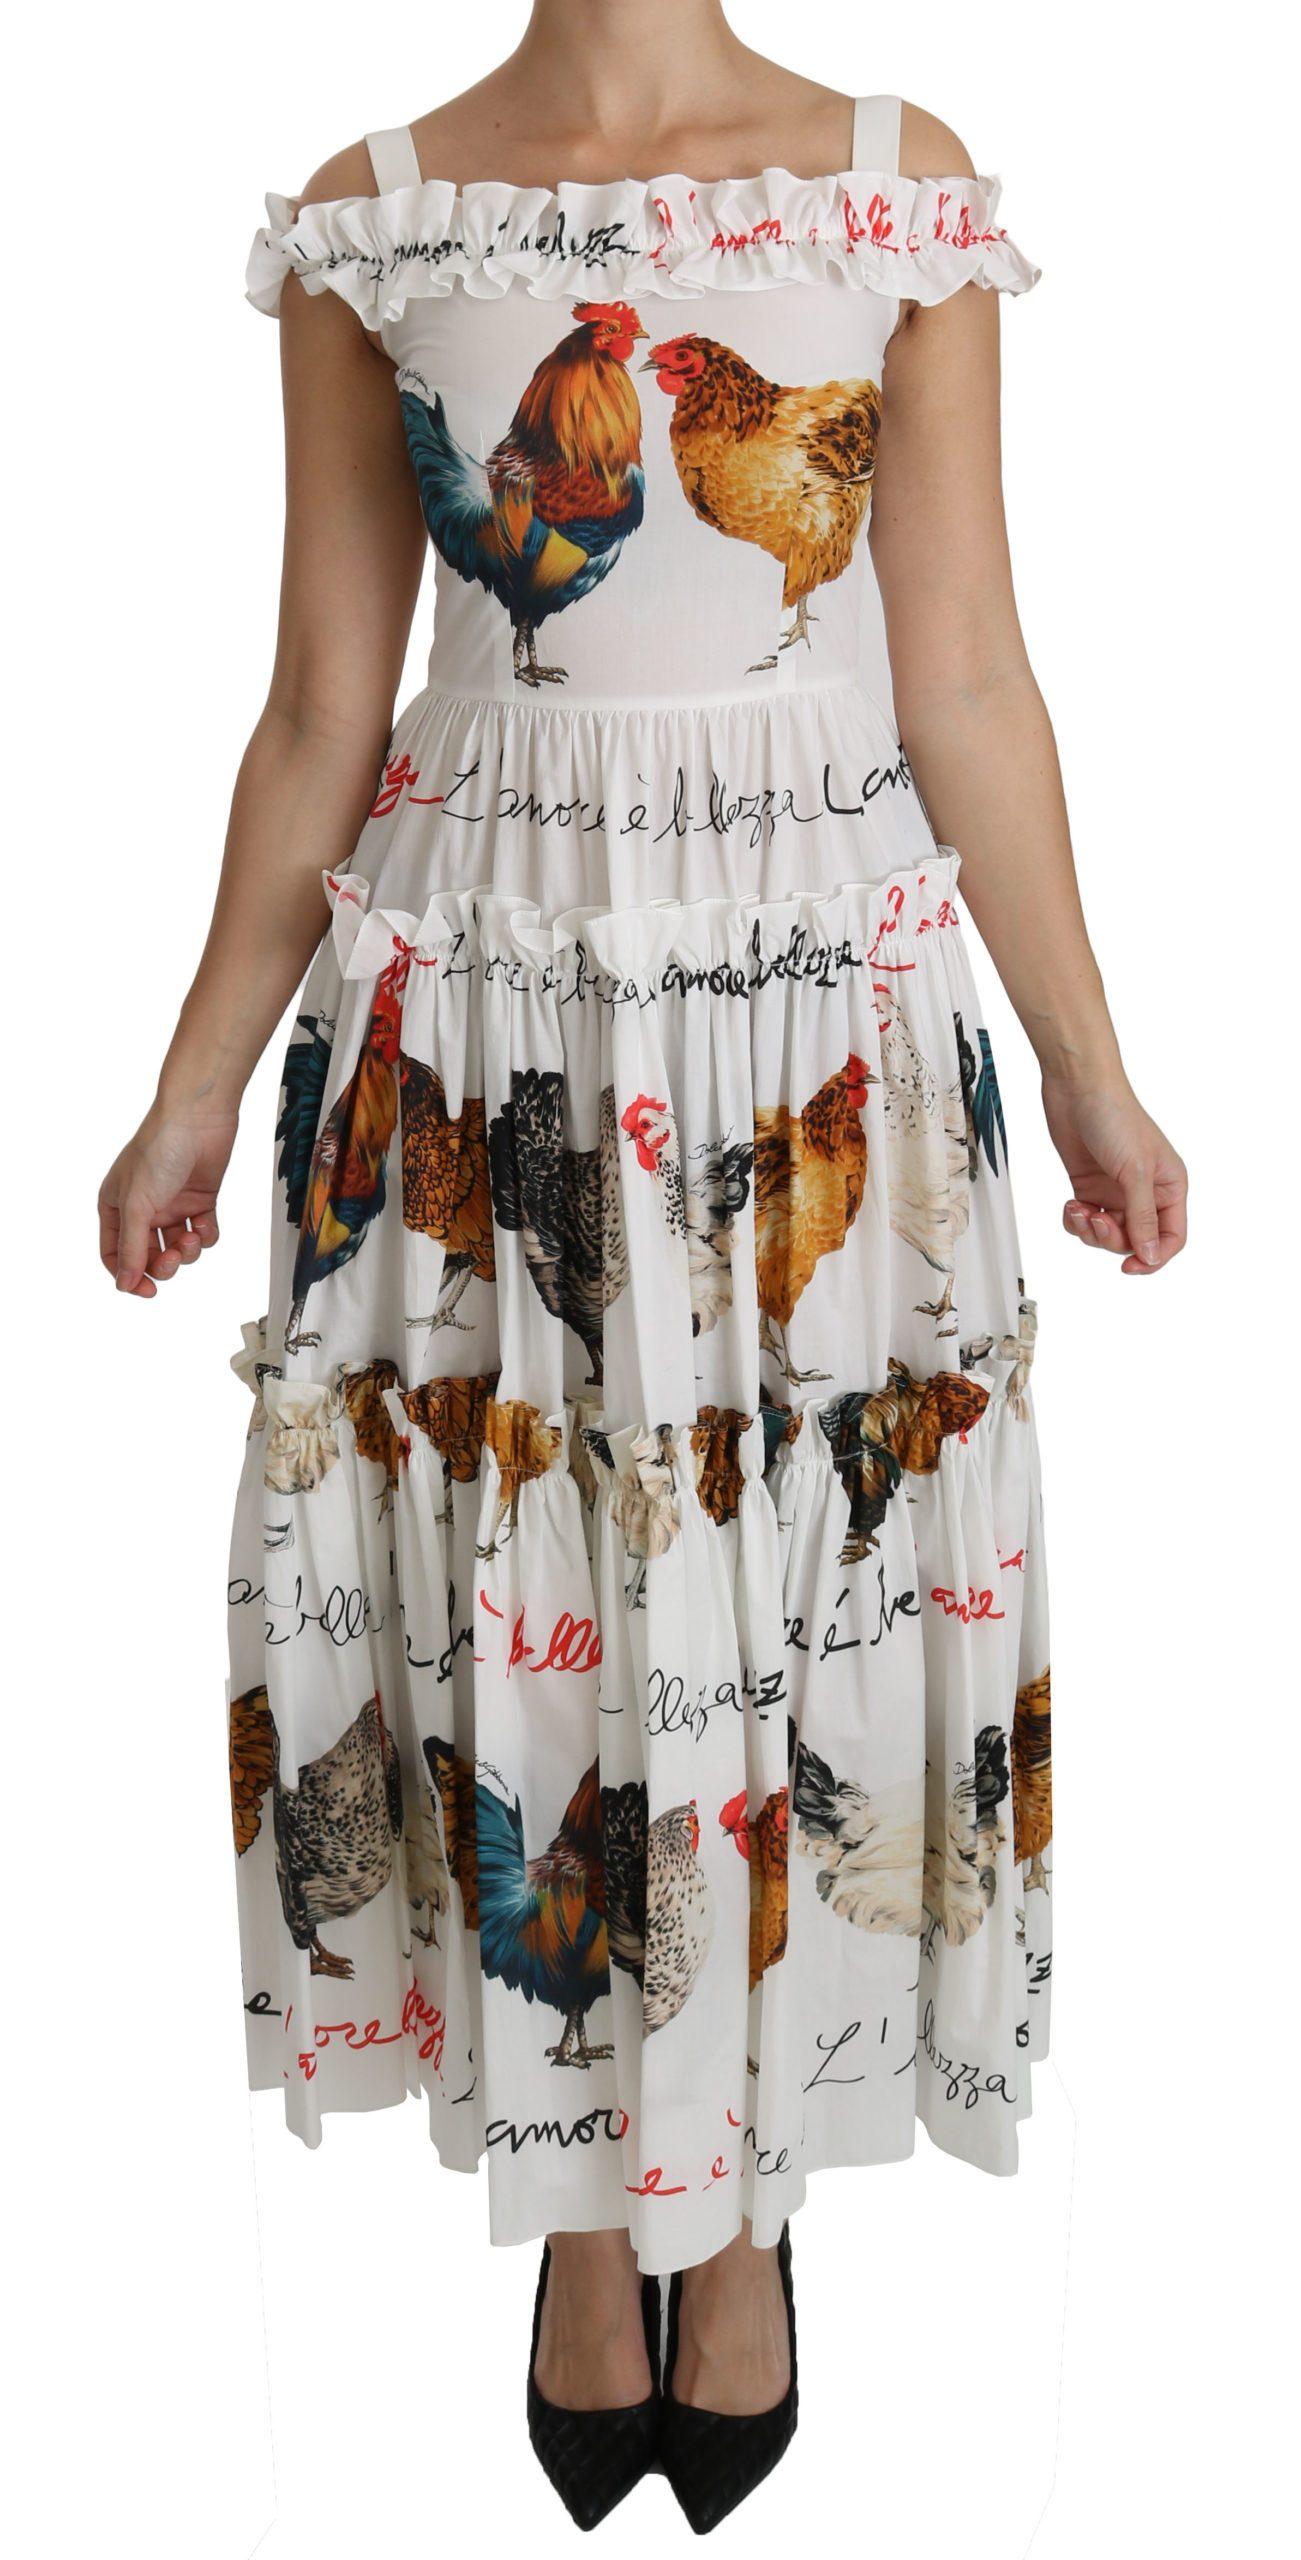 Dolce & Gabbana Women's Rooster Sheath Midi Cotton Dress White DR2140 - IT38|XS